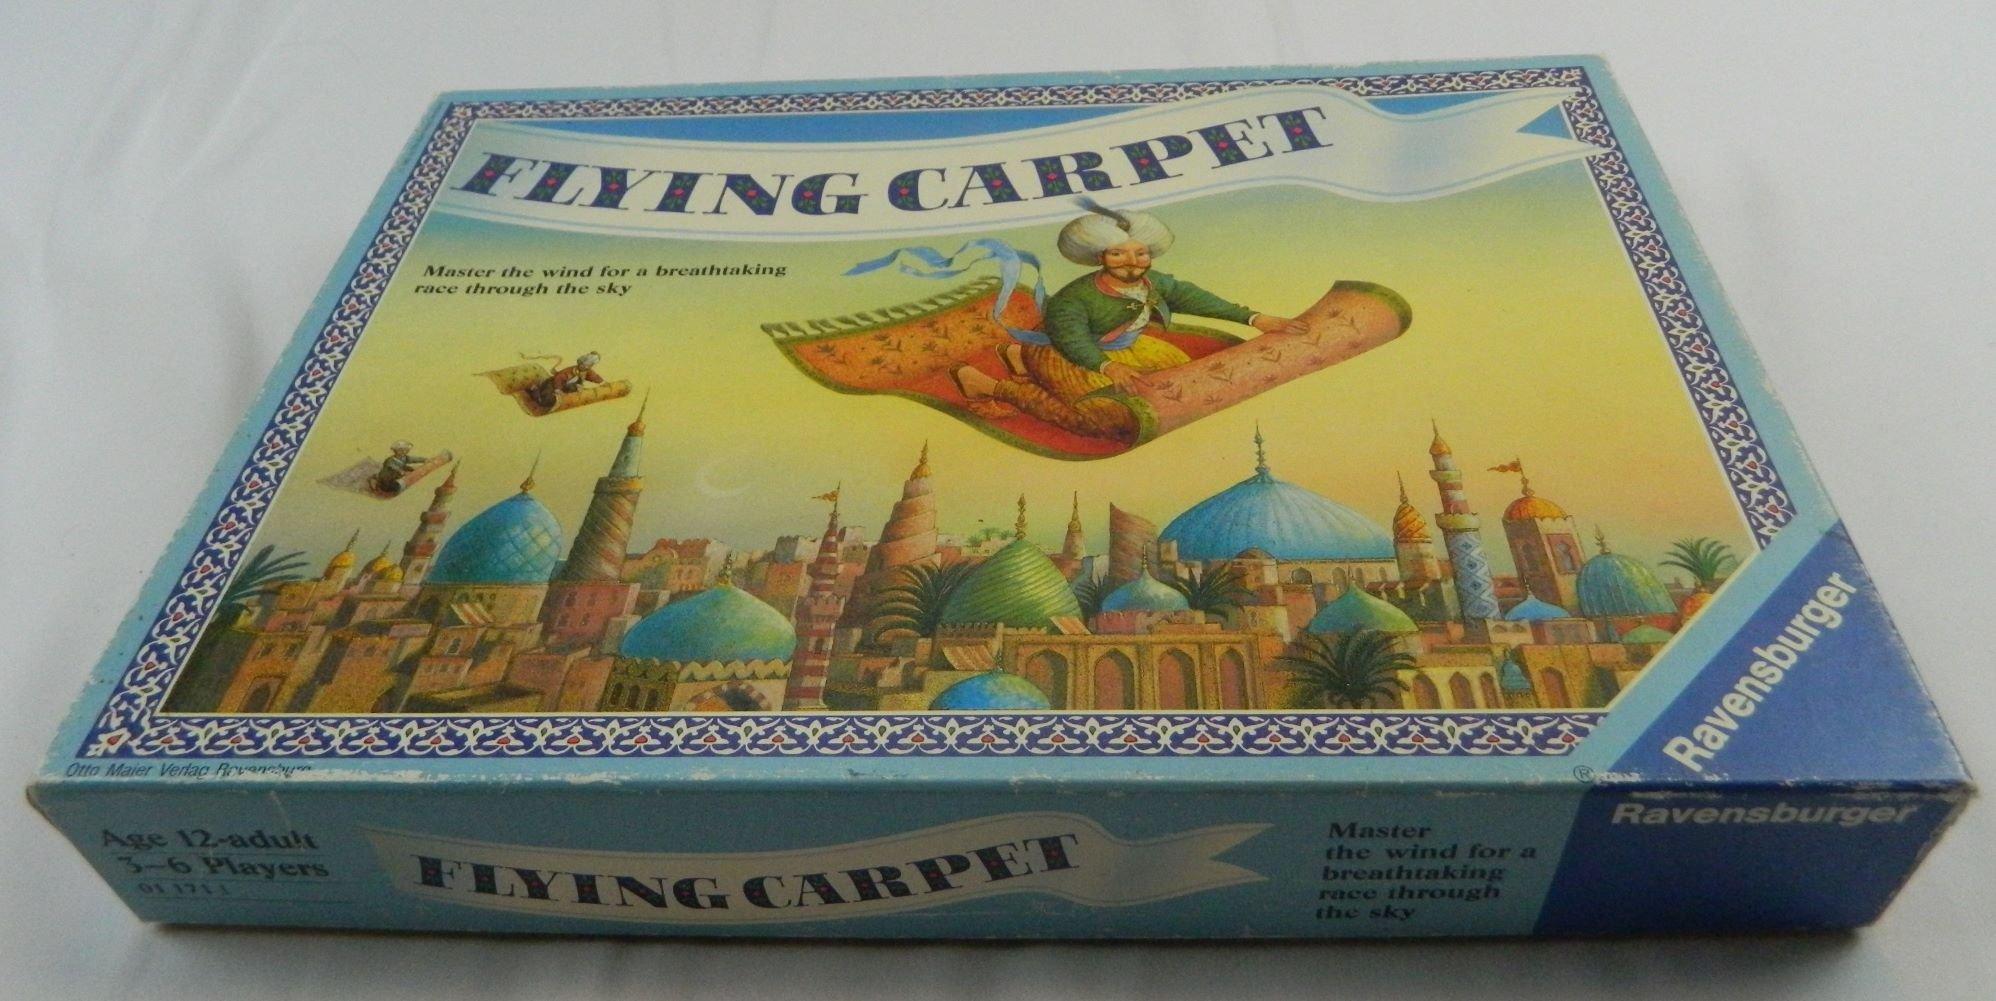 Box for Flying Carpet